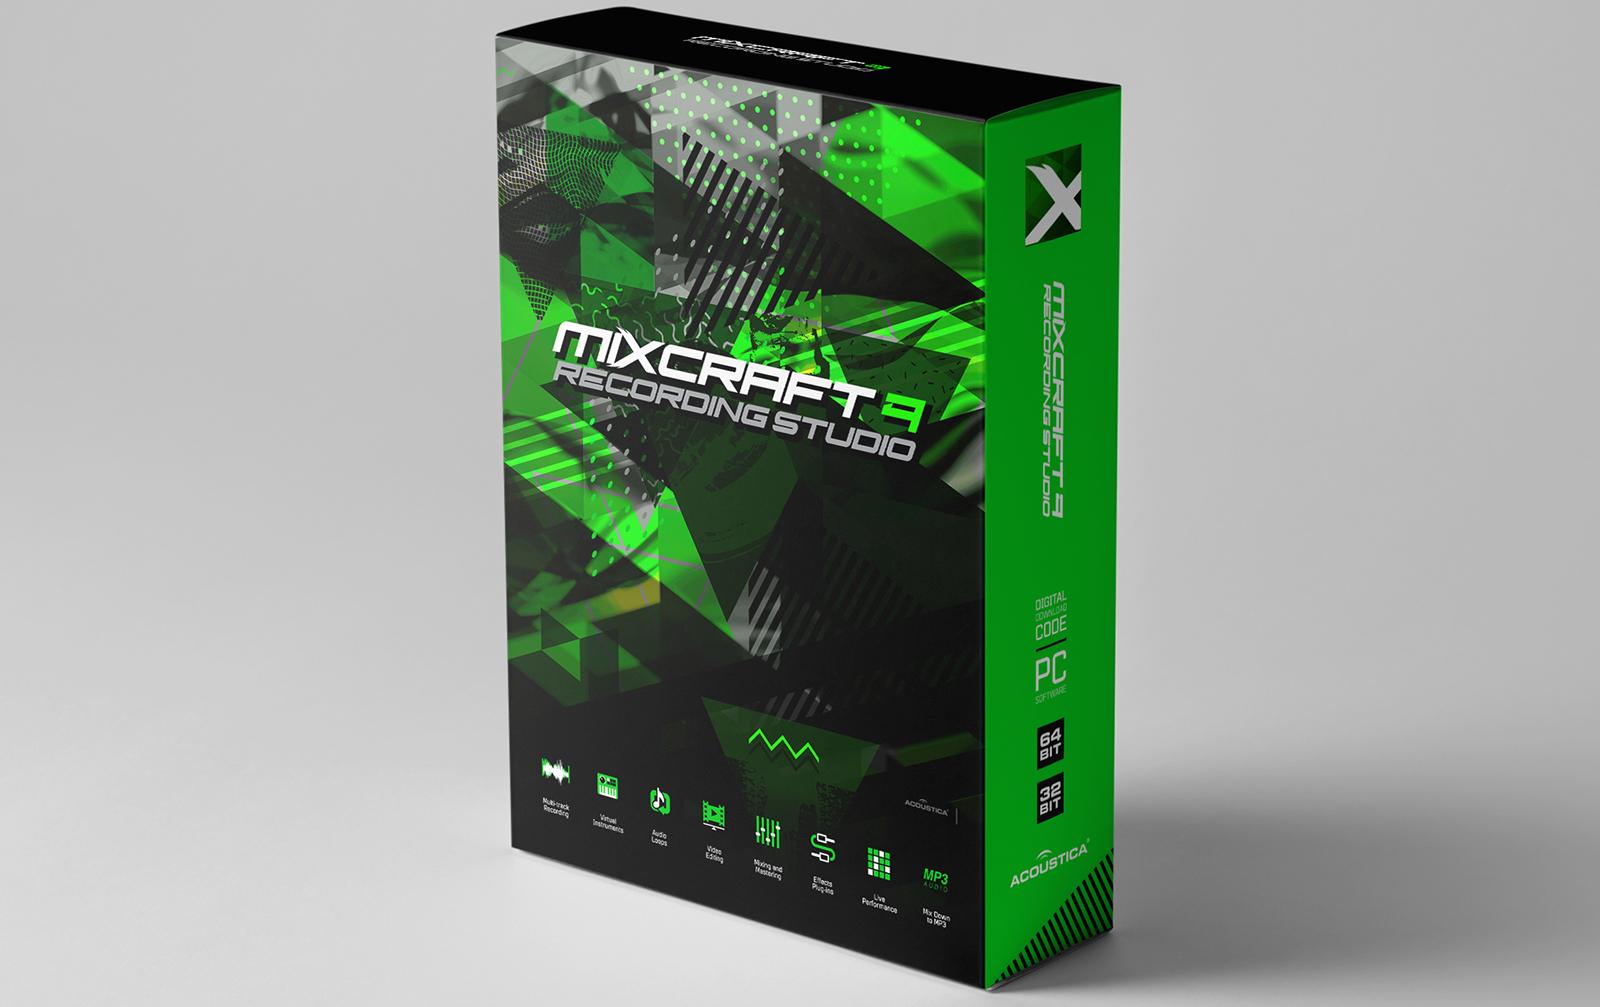 mixcraft-9-recording-studio-update-von-a-lteren-mixcraft-versionen-inkl-pro-studio-box